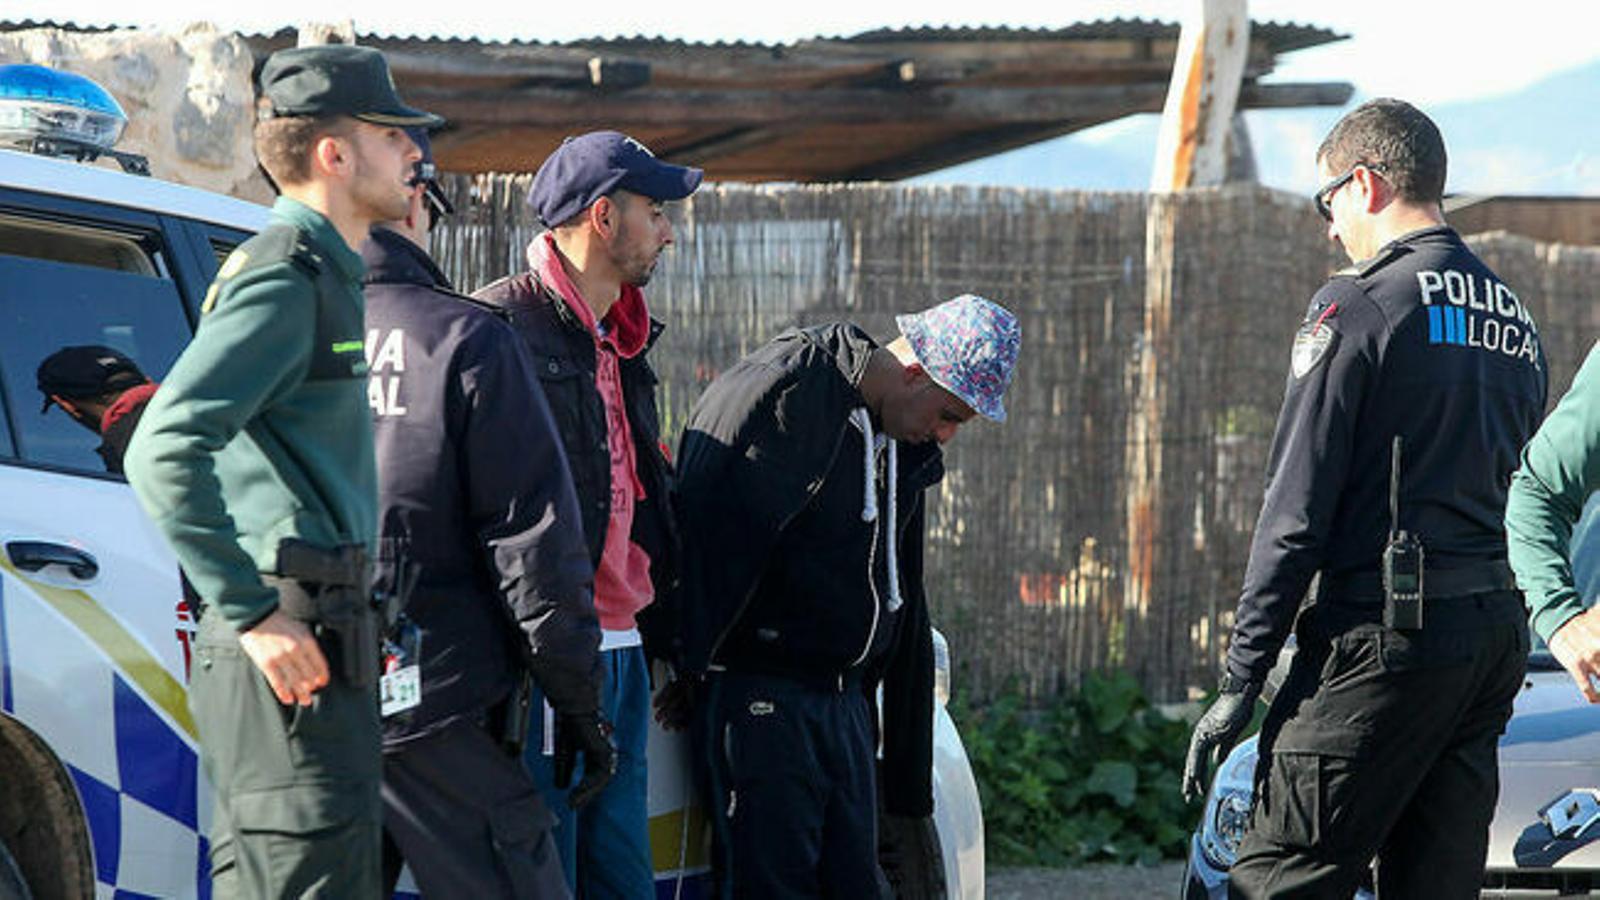 Les màfies cobren entre 4.000 i 7.000 euros per dur migrants a les Illes, segons el delegat de govern